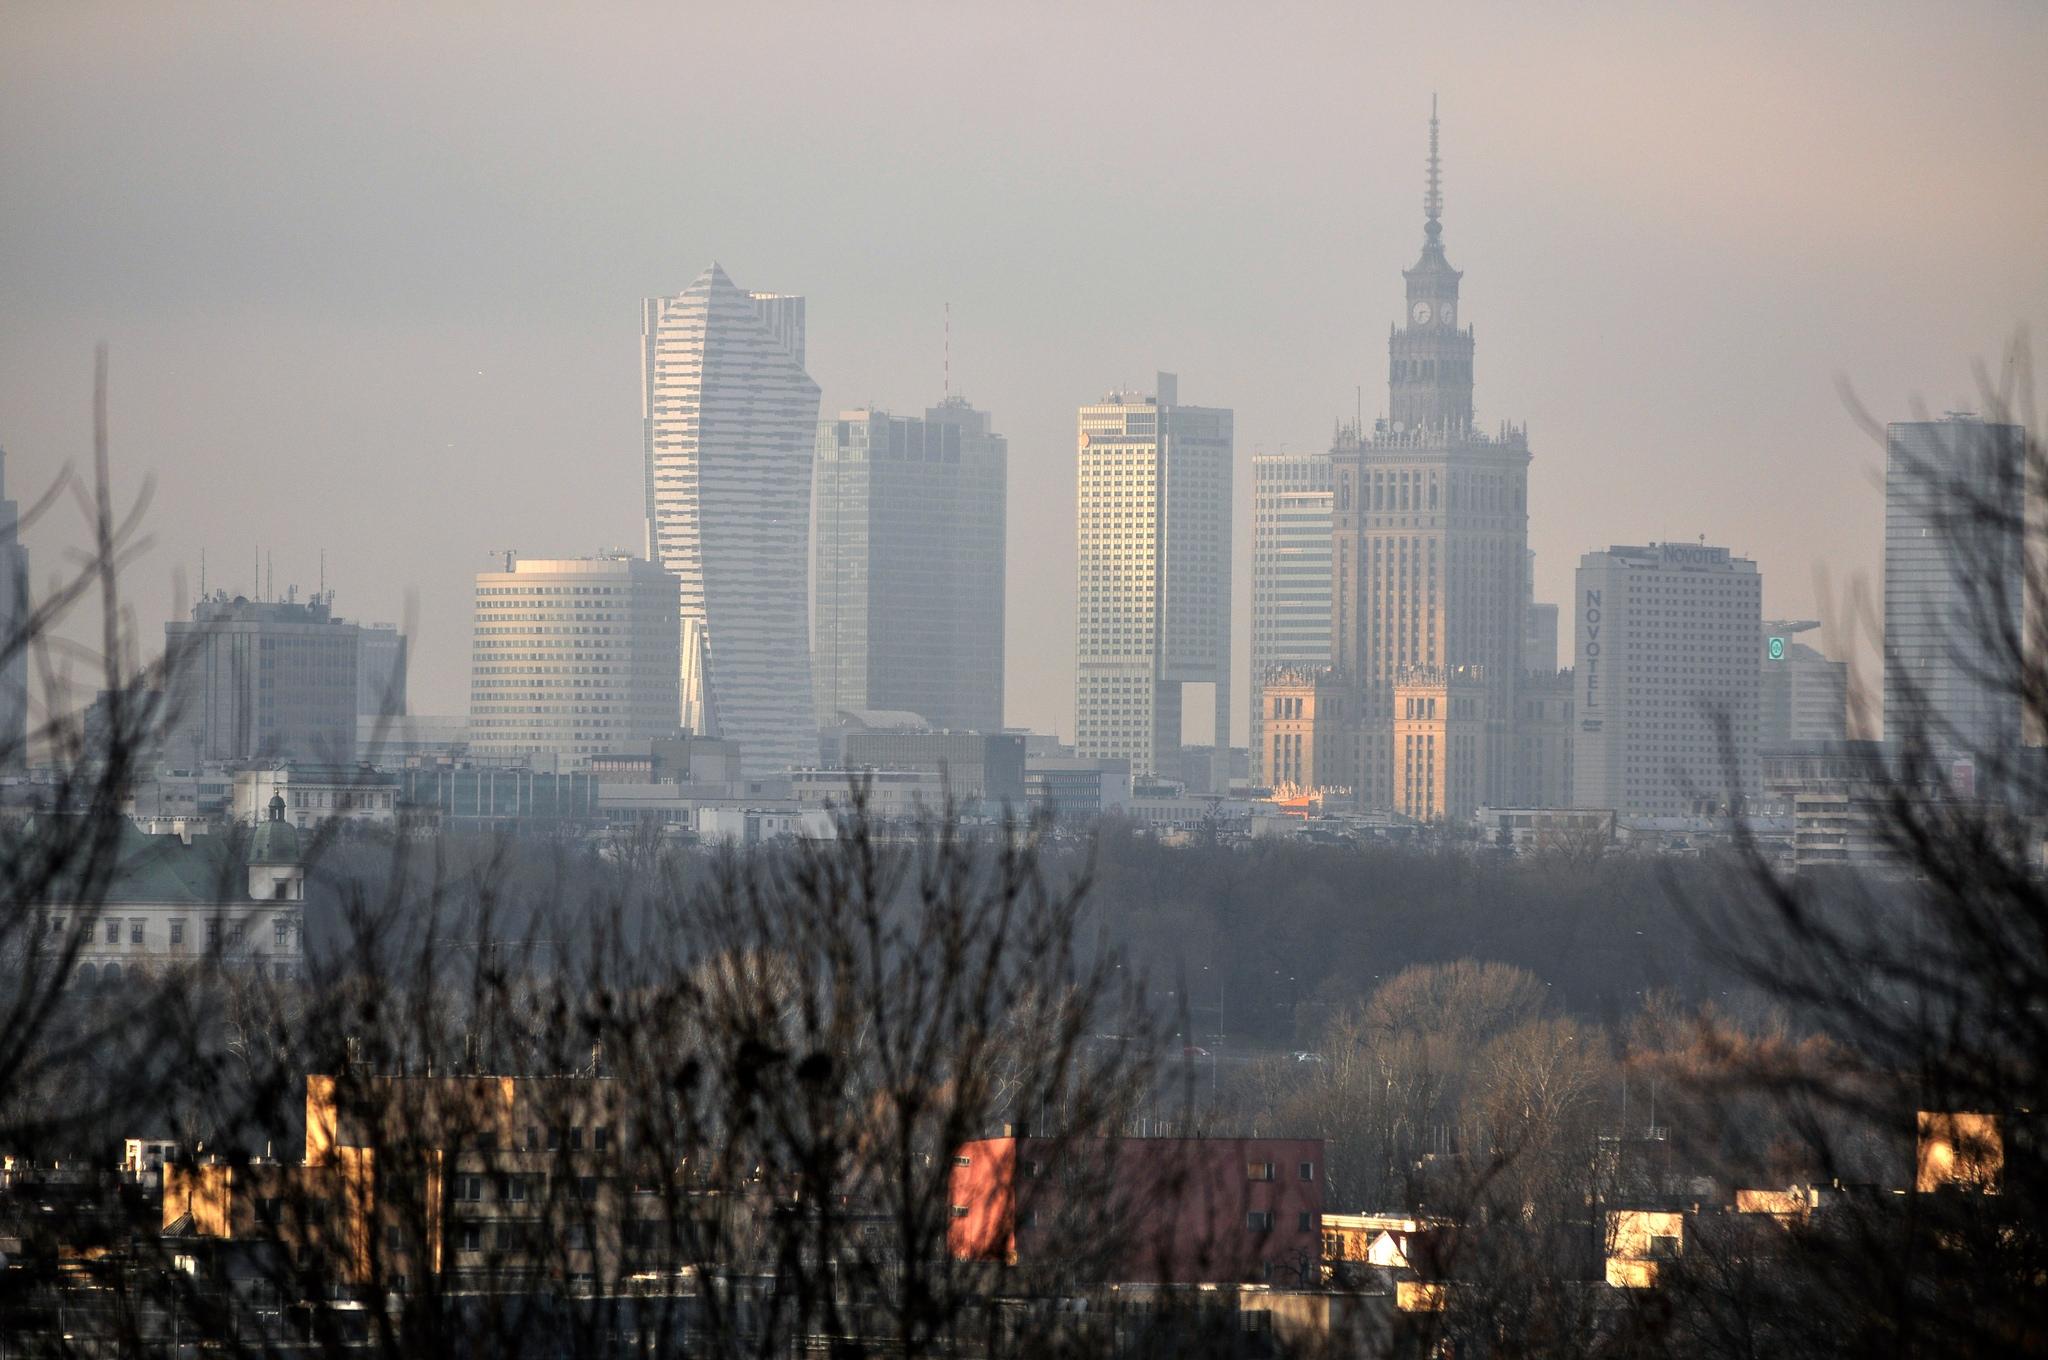 Obraz znaleziony dla: smog photos warsaw